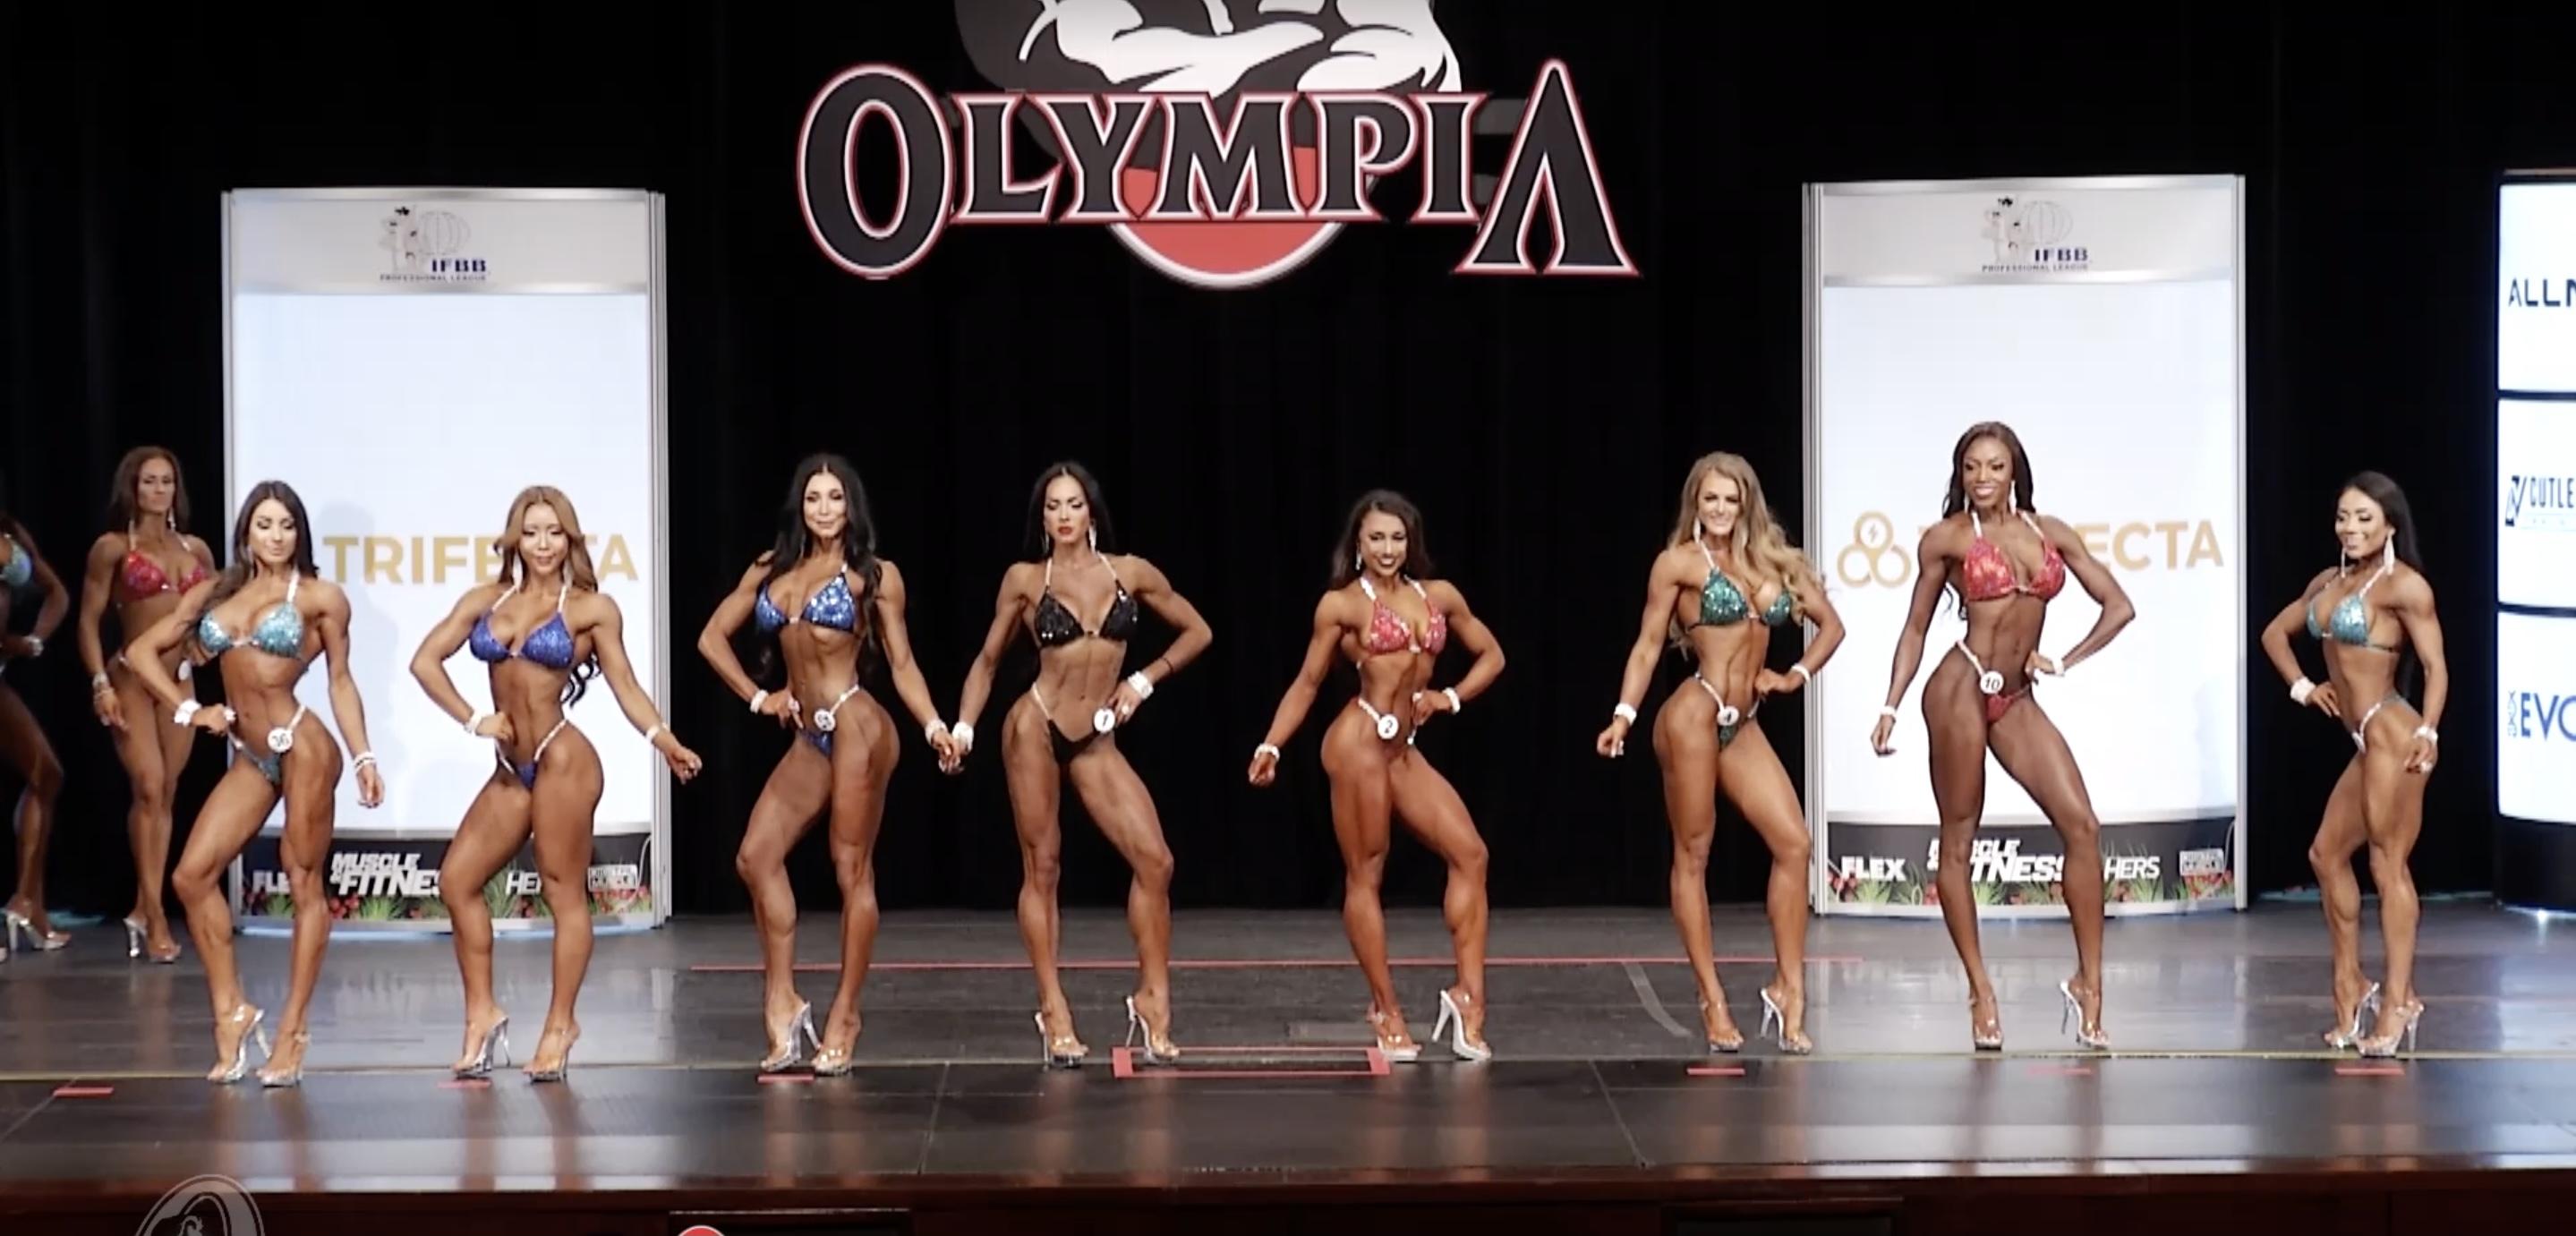 Olympia 2020 Bikini 6th Callout